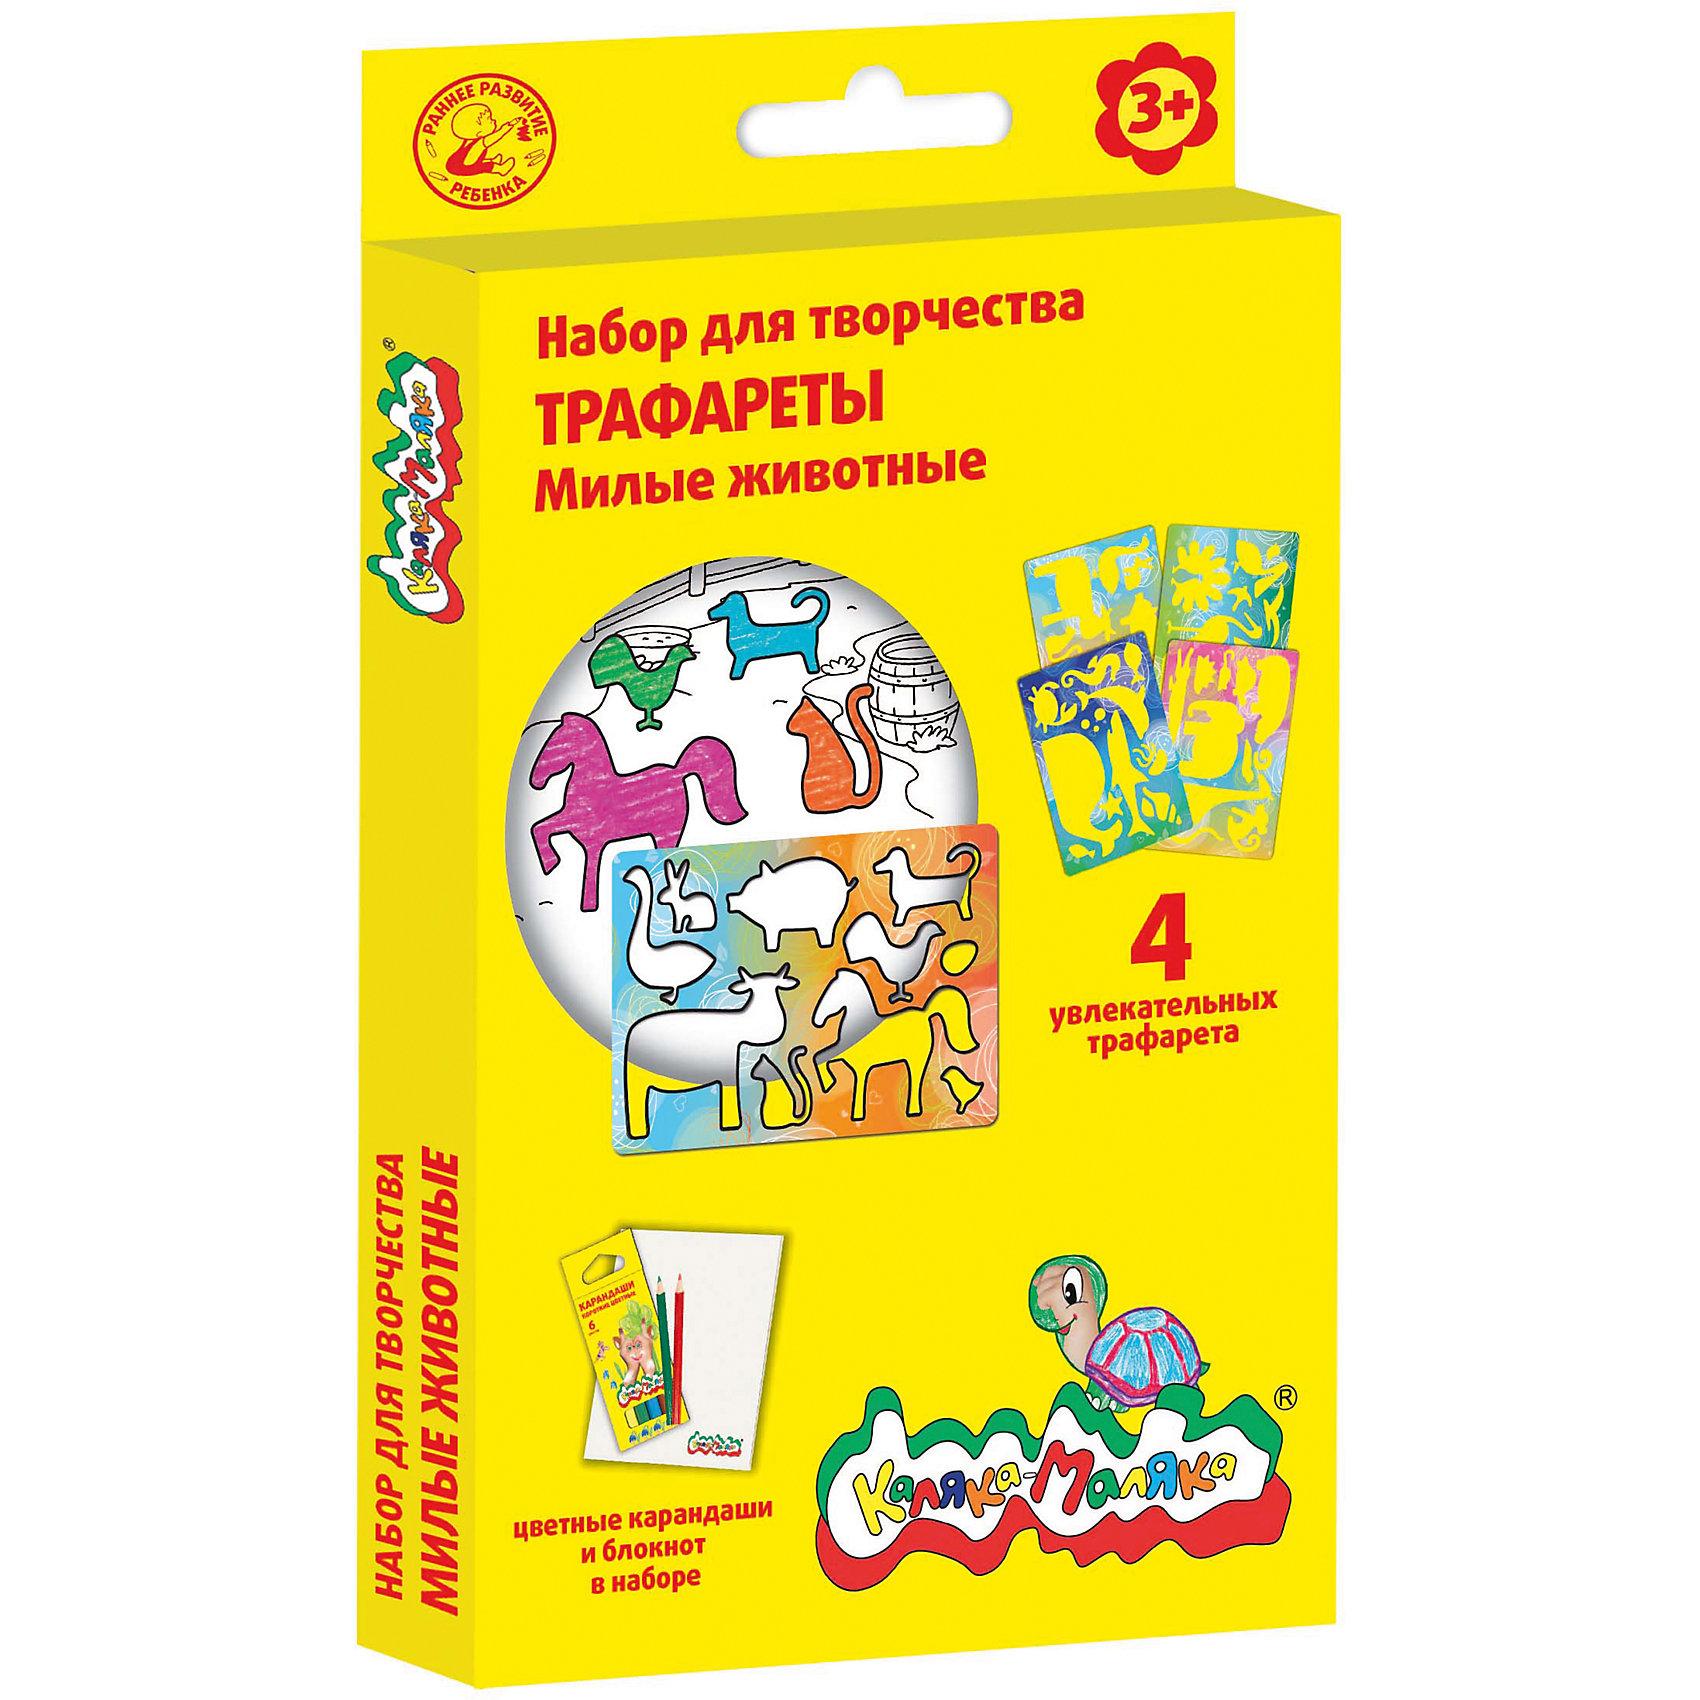 Набор для творчества Милые животные, Каляка-МалякаРисование<br>Набор для творчества<br>Трафареты с цветными карандашами и блокнотом для рисования Каляка-Маляка®!<br><br>Каляка-Маляка® разработала  трафареты для самых маленьких, с простыми утолщёнными контурами. <br>В набор входит все необходимое для занятий: цветные карандаши повышенной мягкости А5 (6 цветов), блокнот для рисования и 4 трафарета с разными по размеру персонажами и предметами. <br><br>• Малыш рисует свои первые фигурки и тренирует руку для самостоятельного изображения предметов.<br>• Развивает воображение и мелкую моторику –  фигурки можно раскрасить, по собственному желанию создать сюжет. <br>• Прекрасный творческий набор для занятий дома и в дороге.<br><br>Ширина мм: 155<br>Глубина мм: 225<br>Высота мм: 200<br>Вес г: 150<br>Возраст от месяцев: 36<br>Возраст до месяцев: 84<br>Пол: Унисекс<br>Возраст: Детский<br>SKU: 5562962